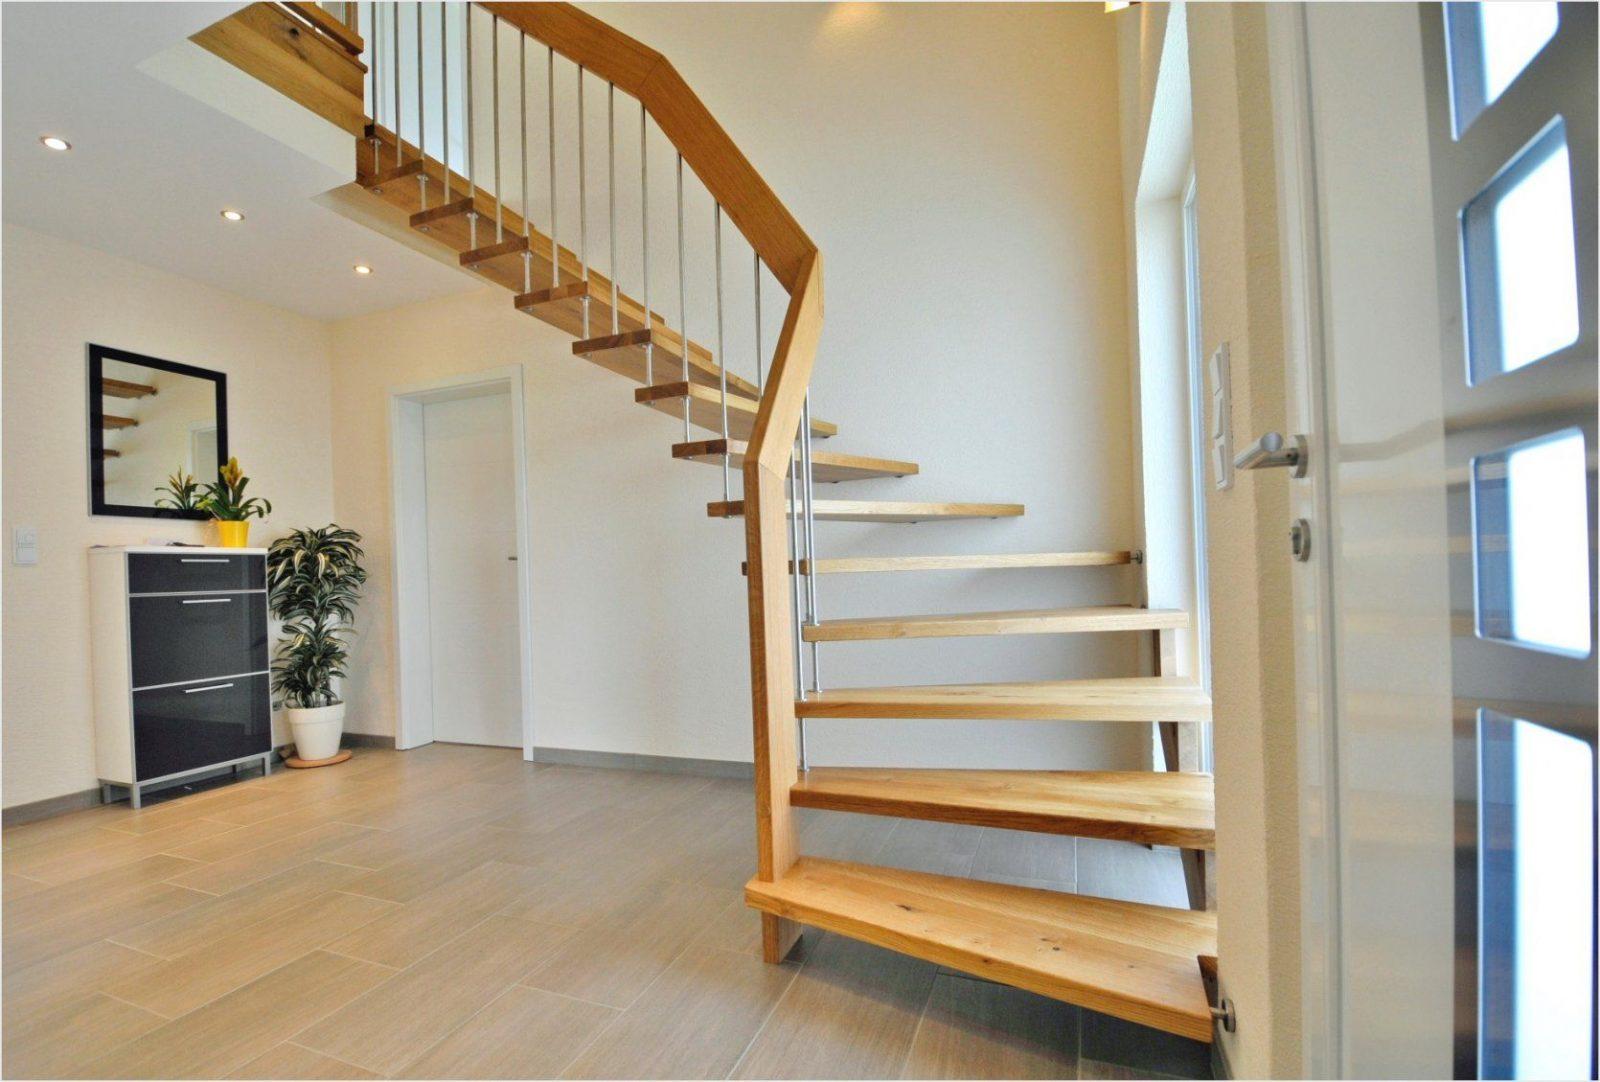 Stilvolle Einzigartig Holztreppen Aus Polen Preis Haus Design Ideen von Treppen Aus Polen Erfahrungen Bild